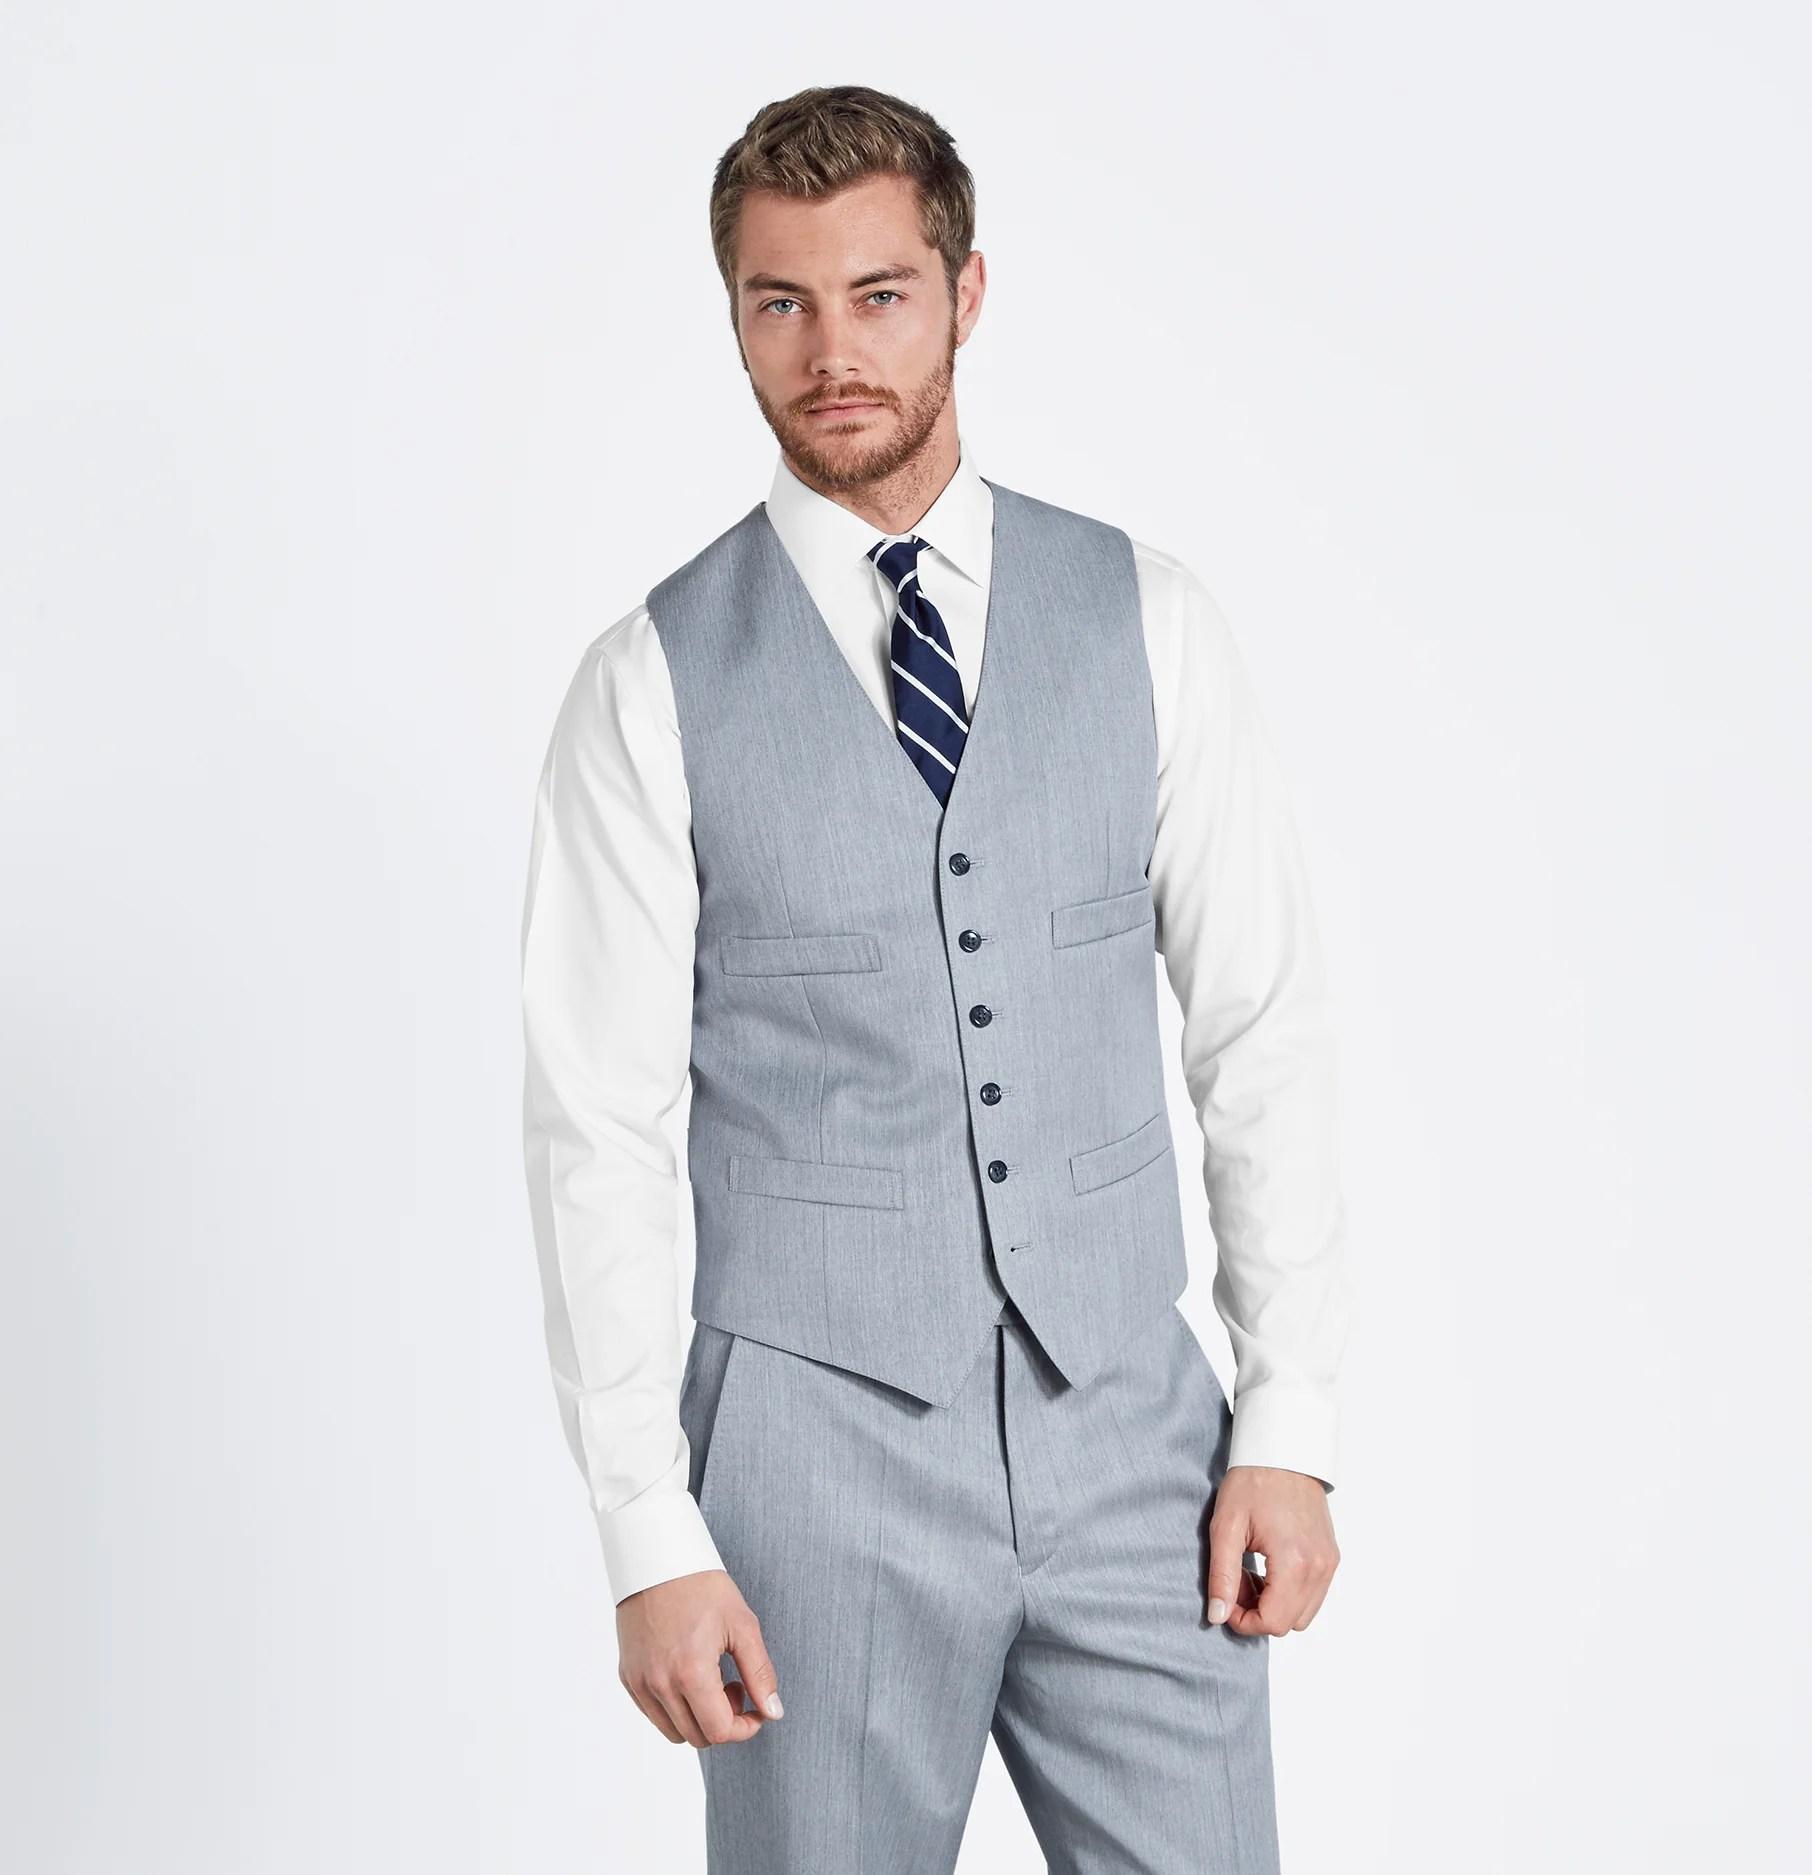 Black Tux With Silver Vest And Tie - Erieairfair